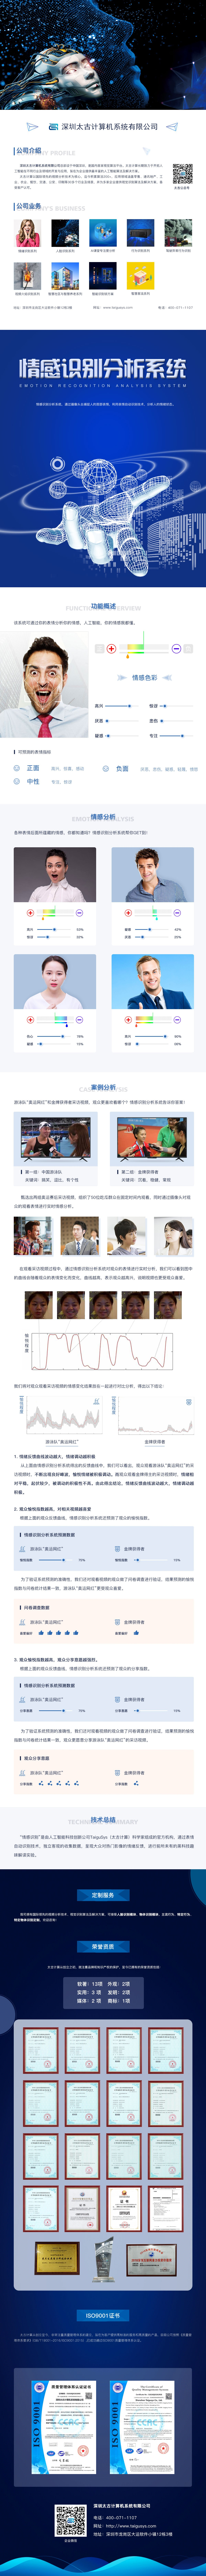 智能AI行为监控|行为监控|行为识别|姿态识别|太古计算